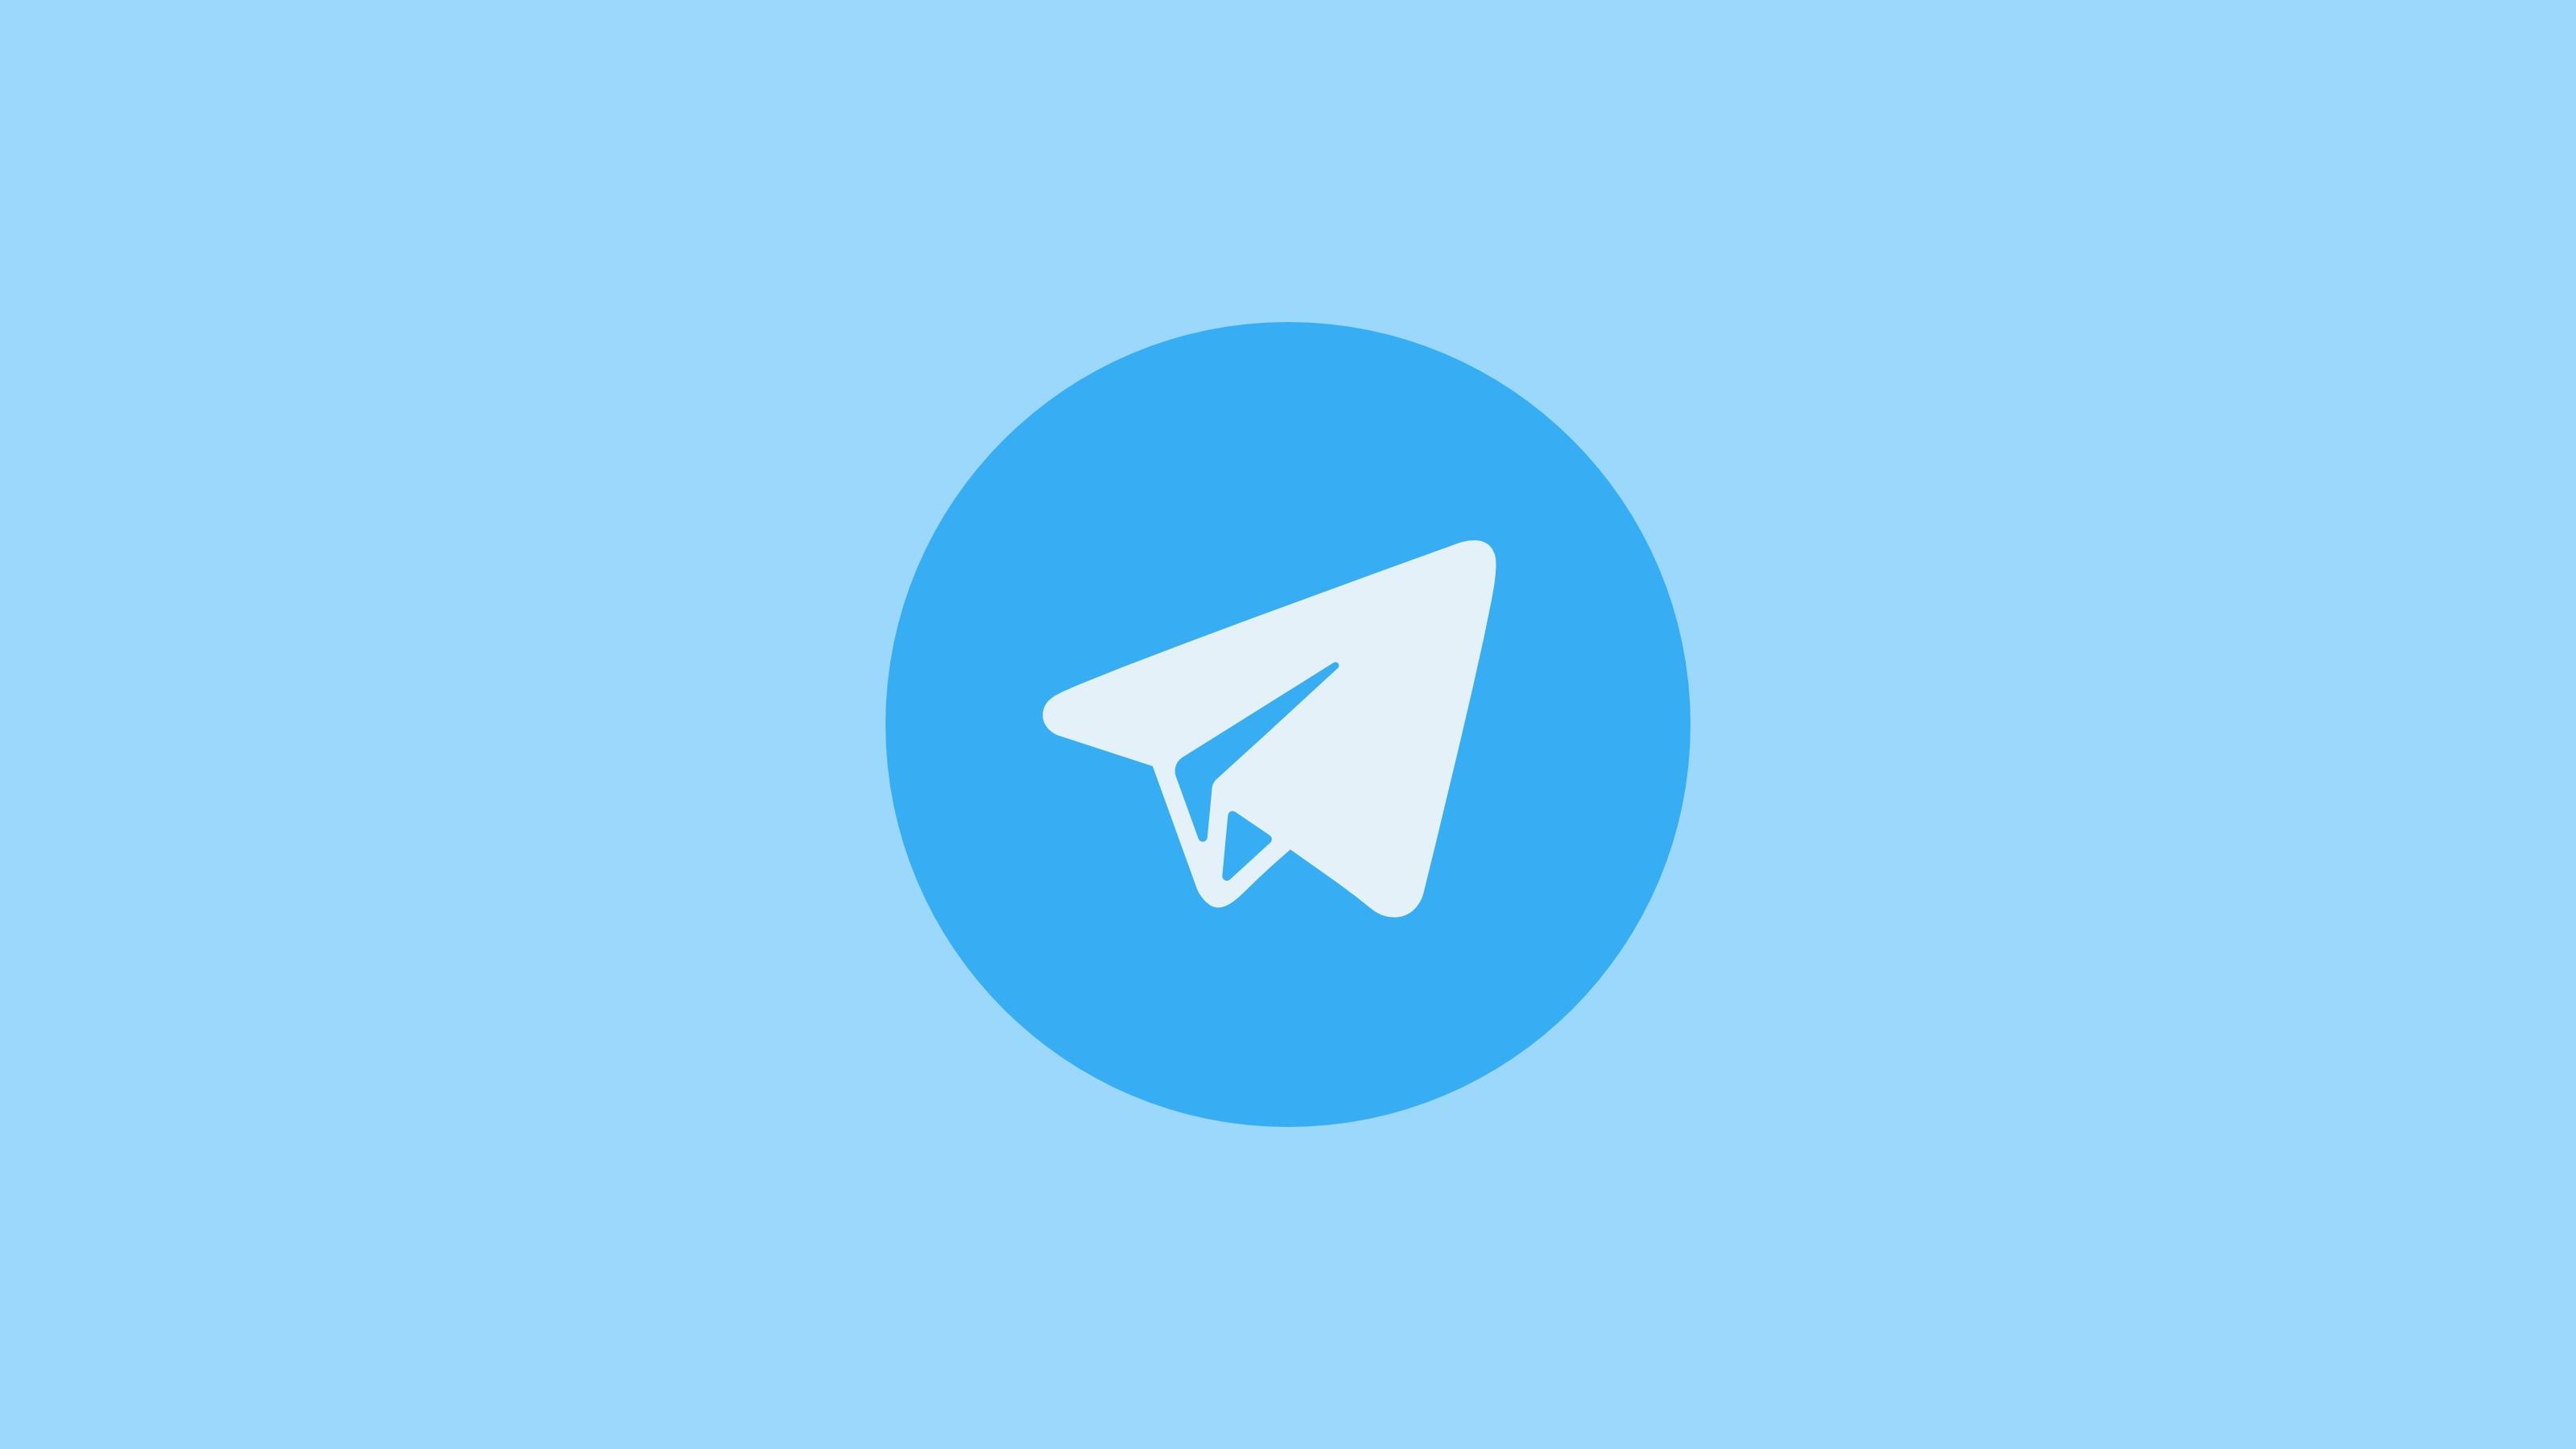 教你如何设置 Telegram 进群验证机器人详细教程